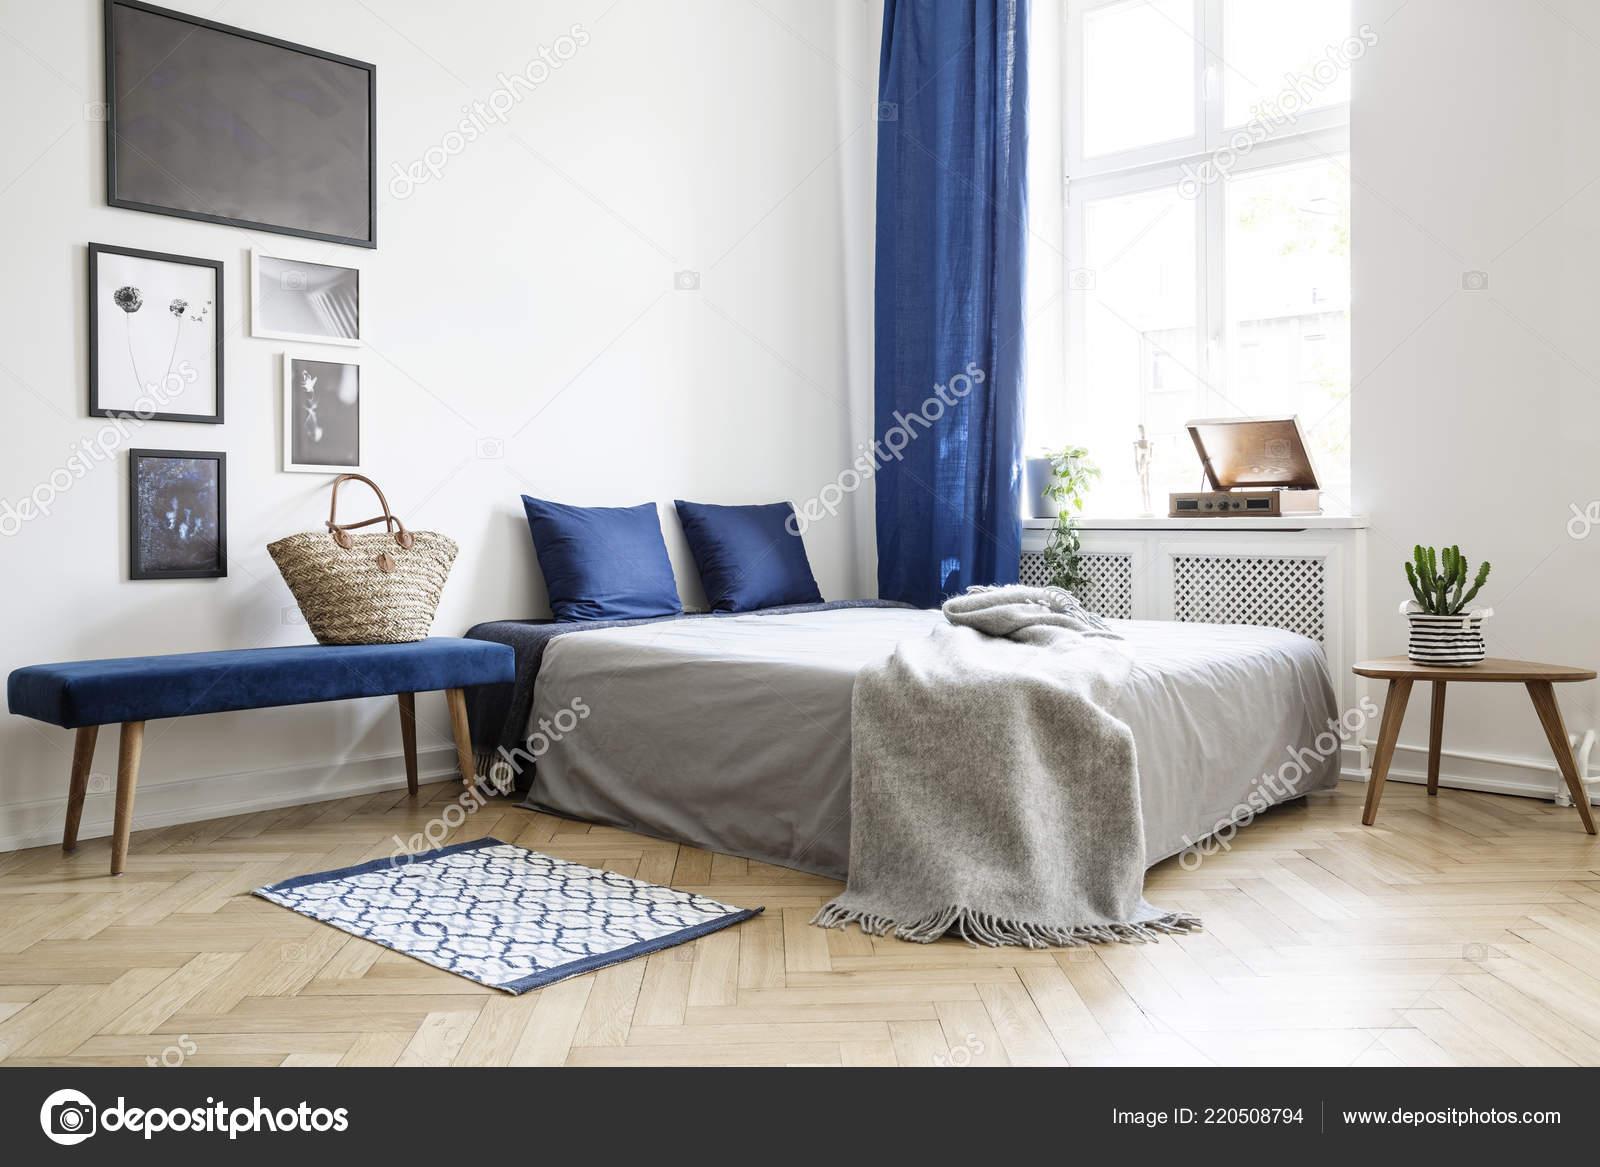 Schlafzimmer Design Modernen Wohnung Bett Mit Dunkel Blauen Kissen